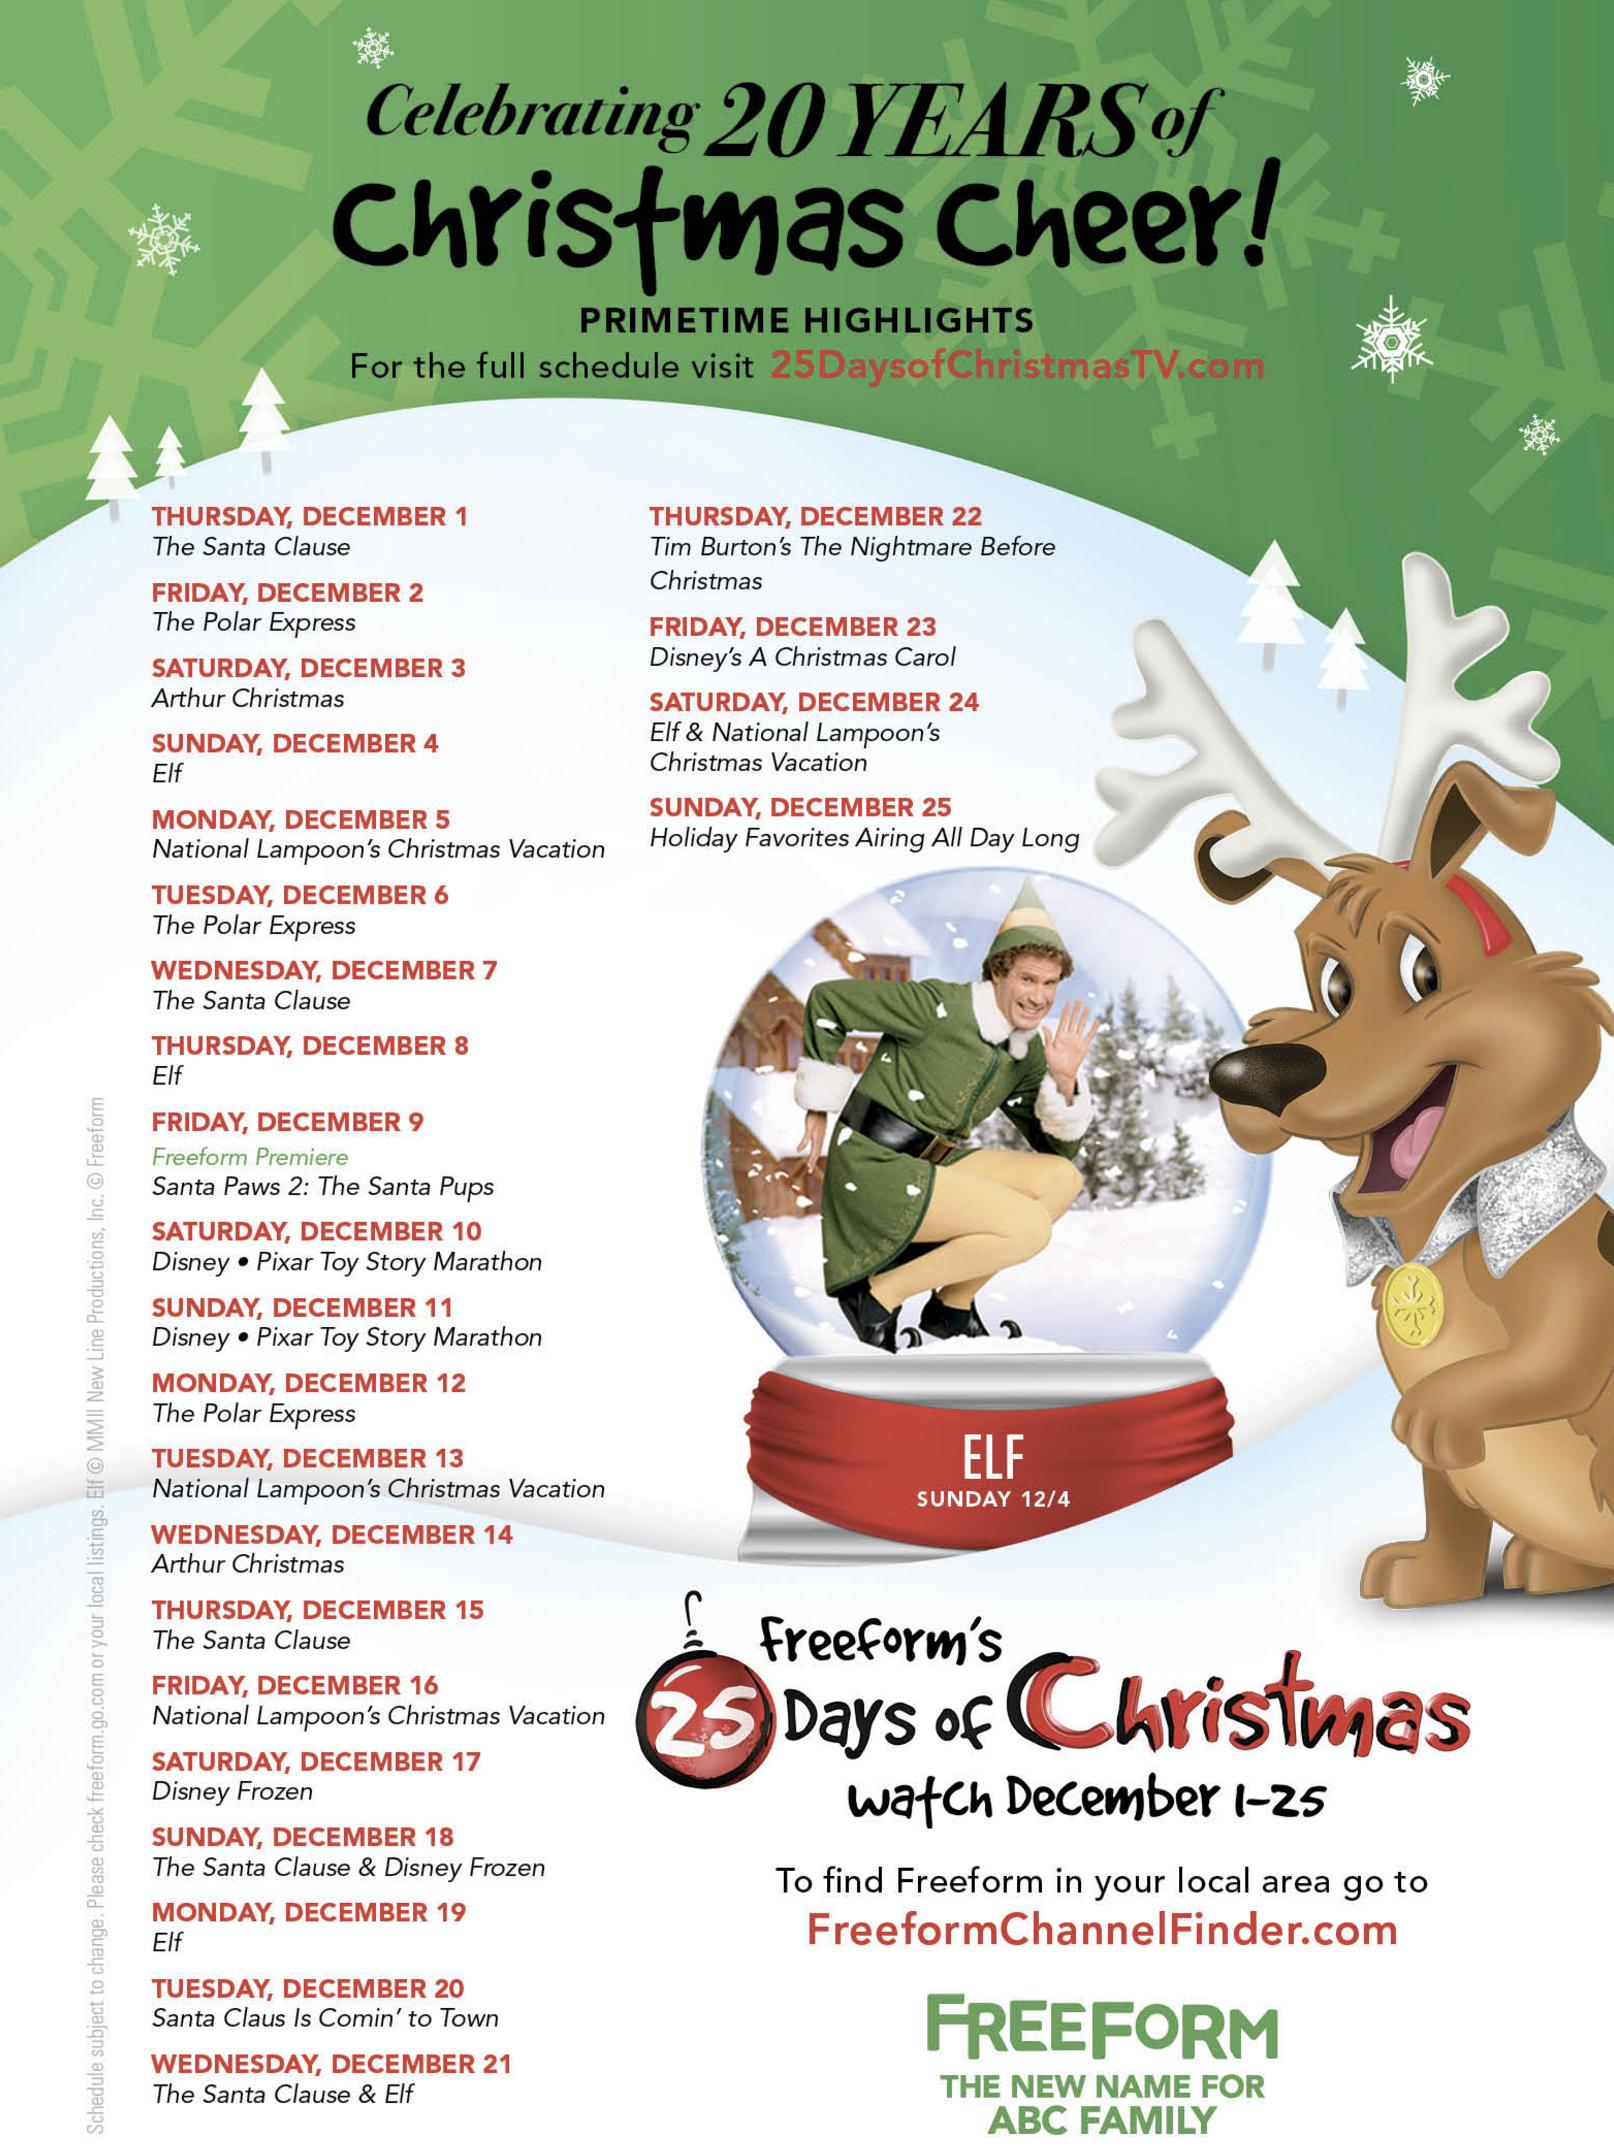 ABC Family (now Freeform) Christmas TV Specials 25 Days